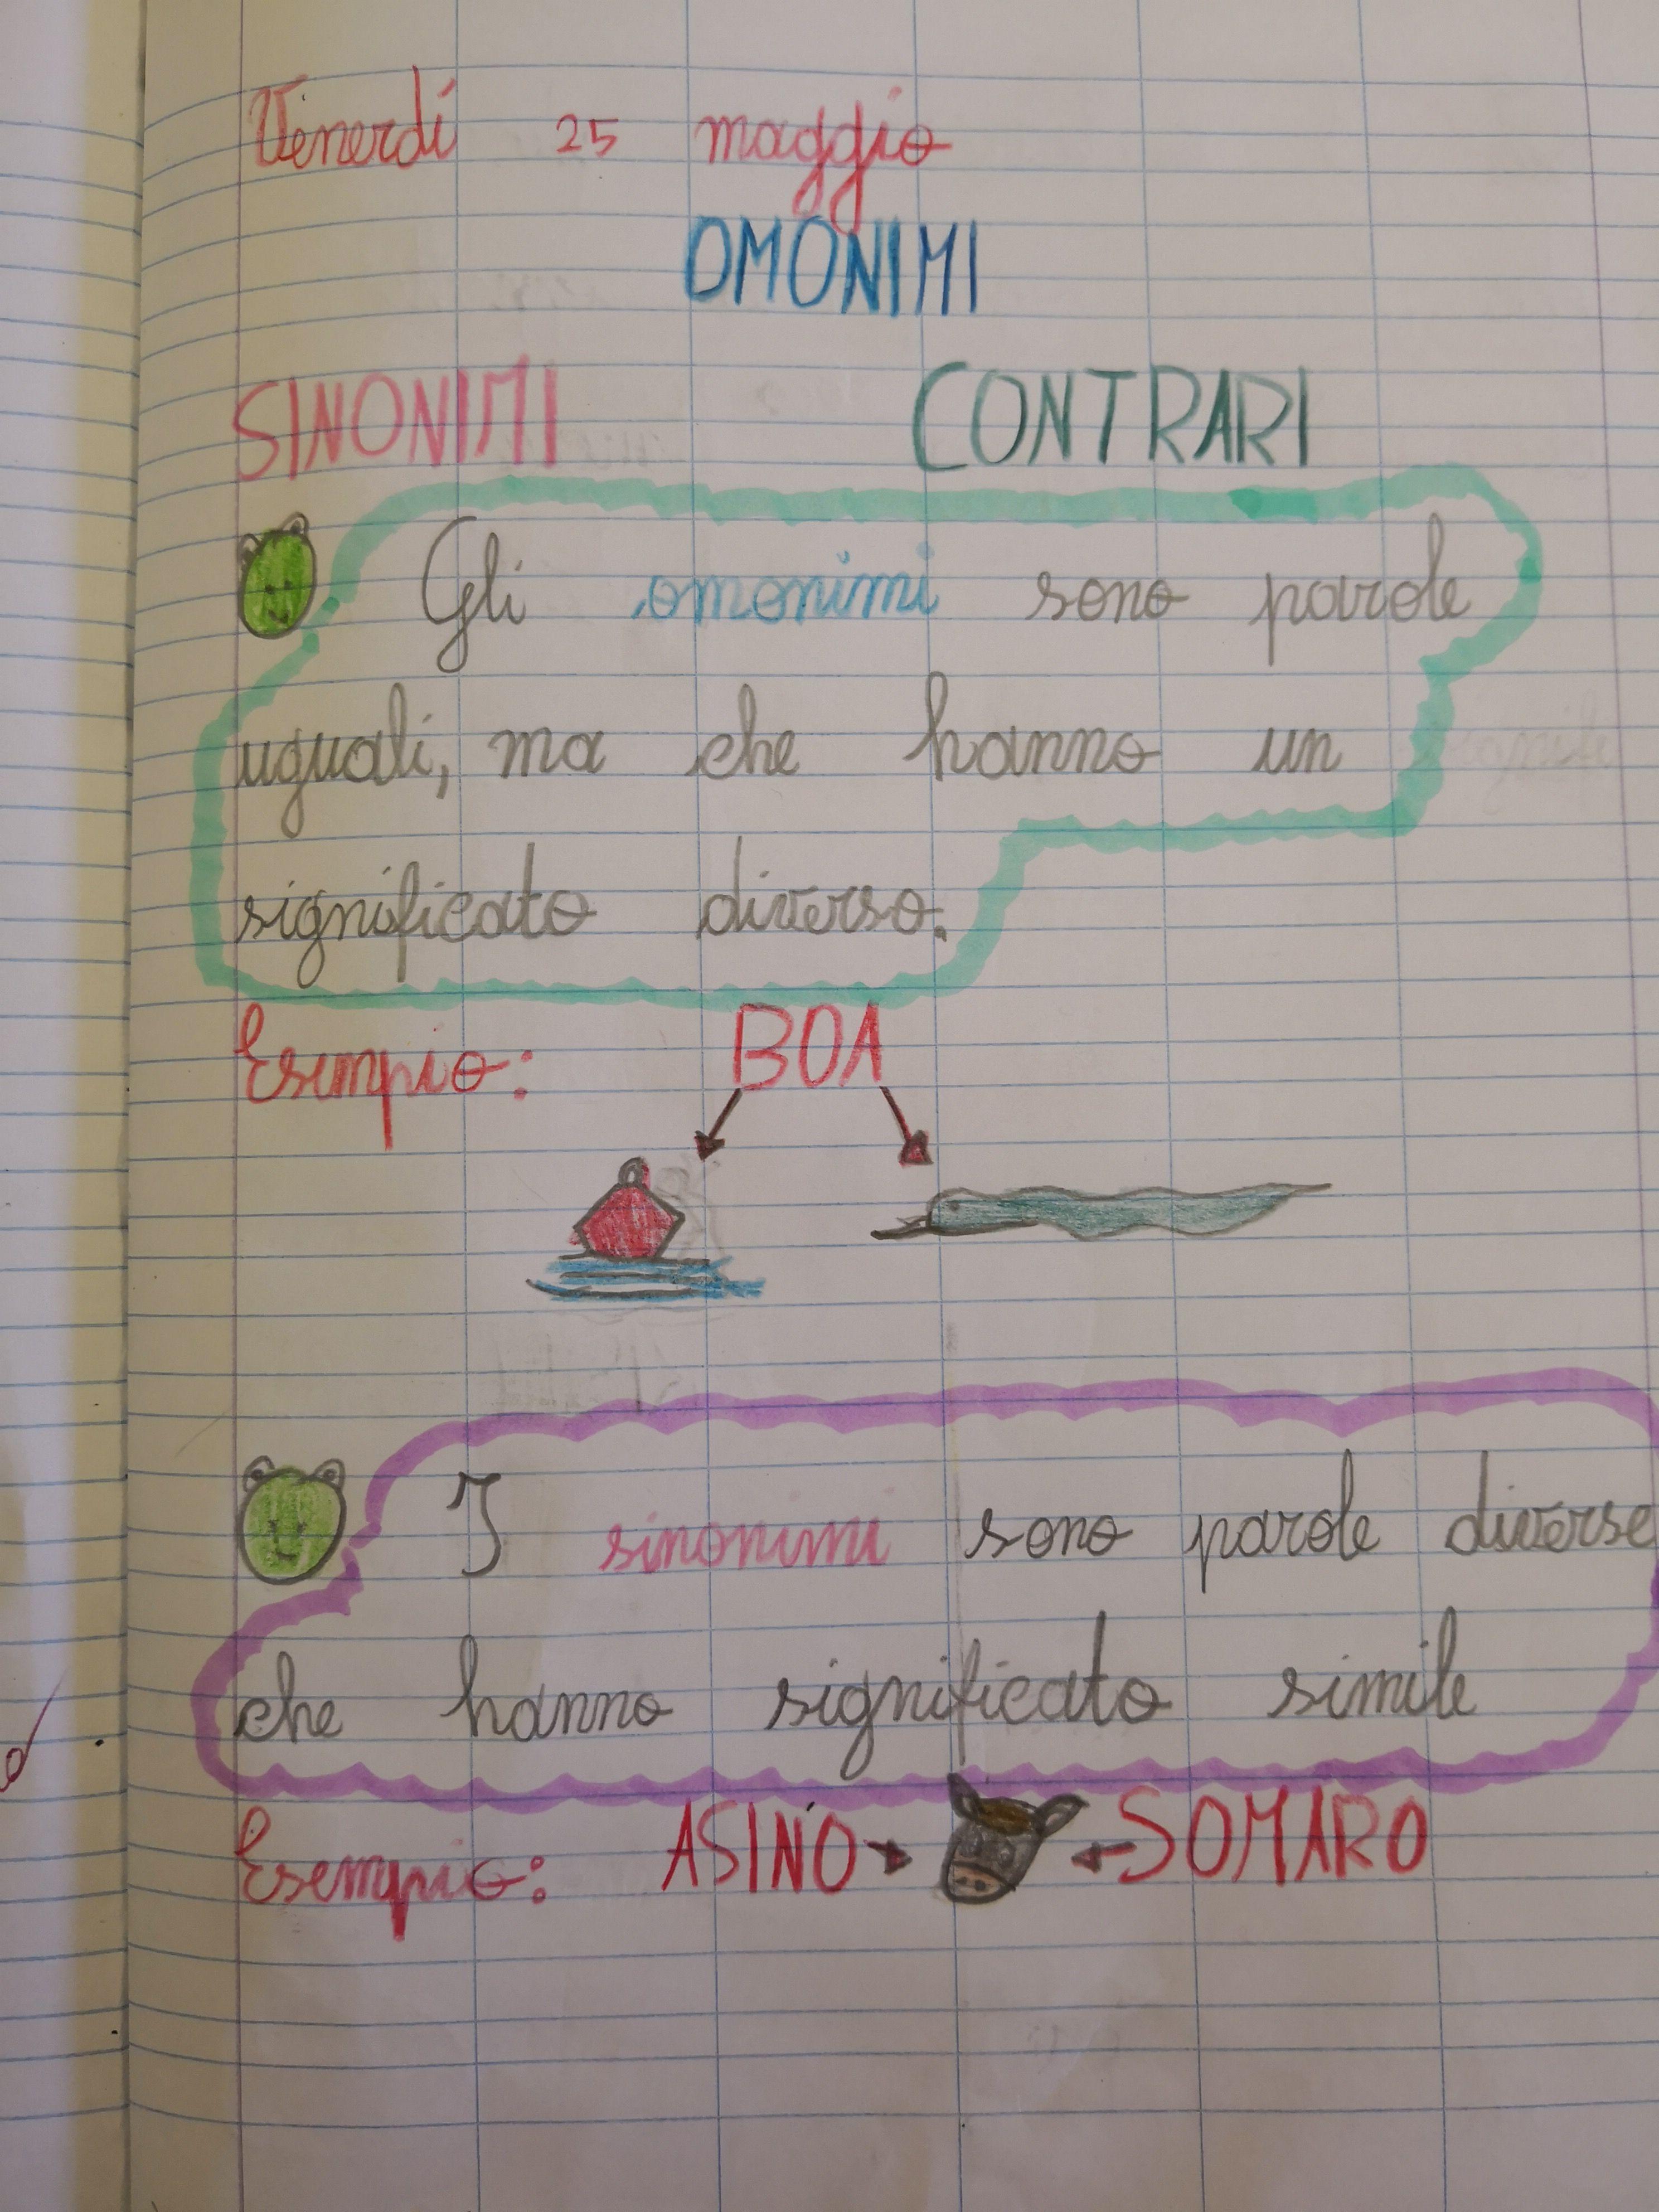 Omonimi Sinonimi E Contrari 1 Scuola Lingua Italiana Lingua E